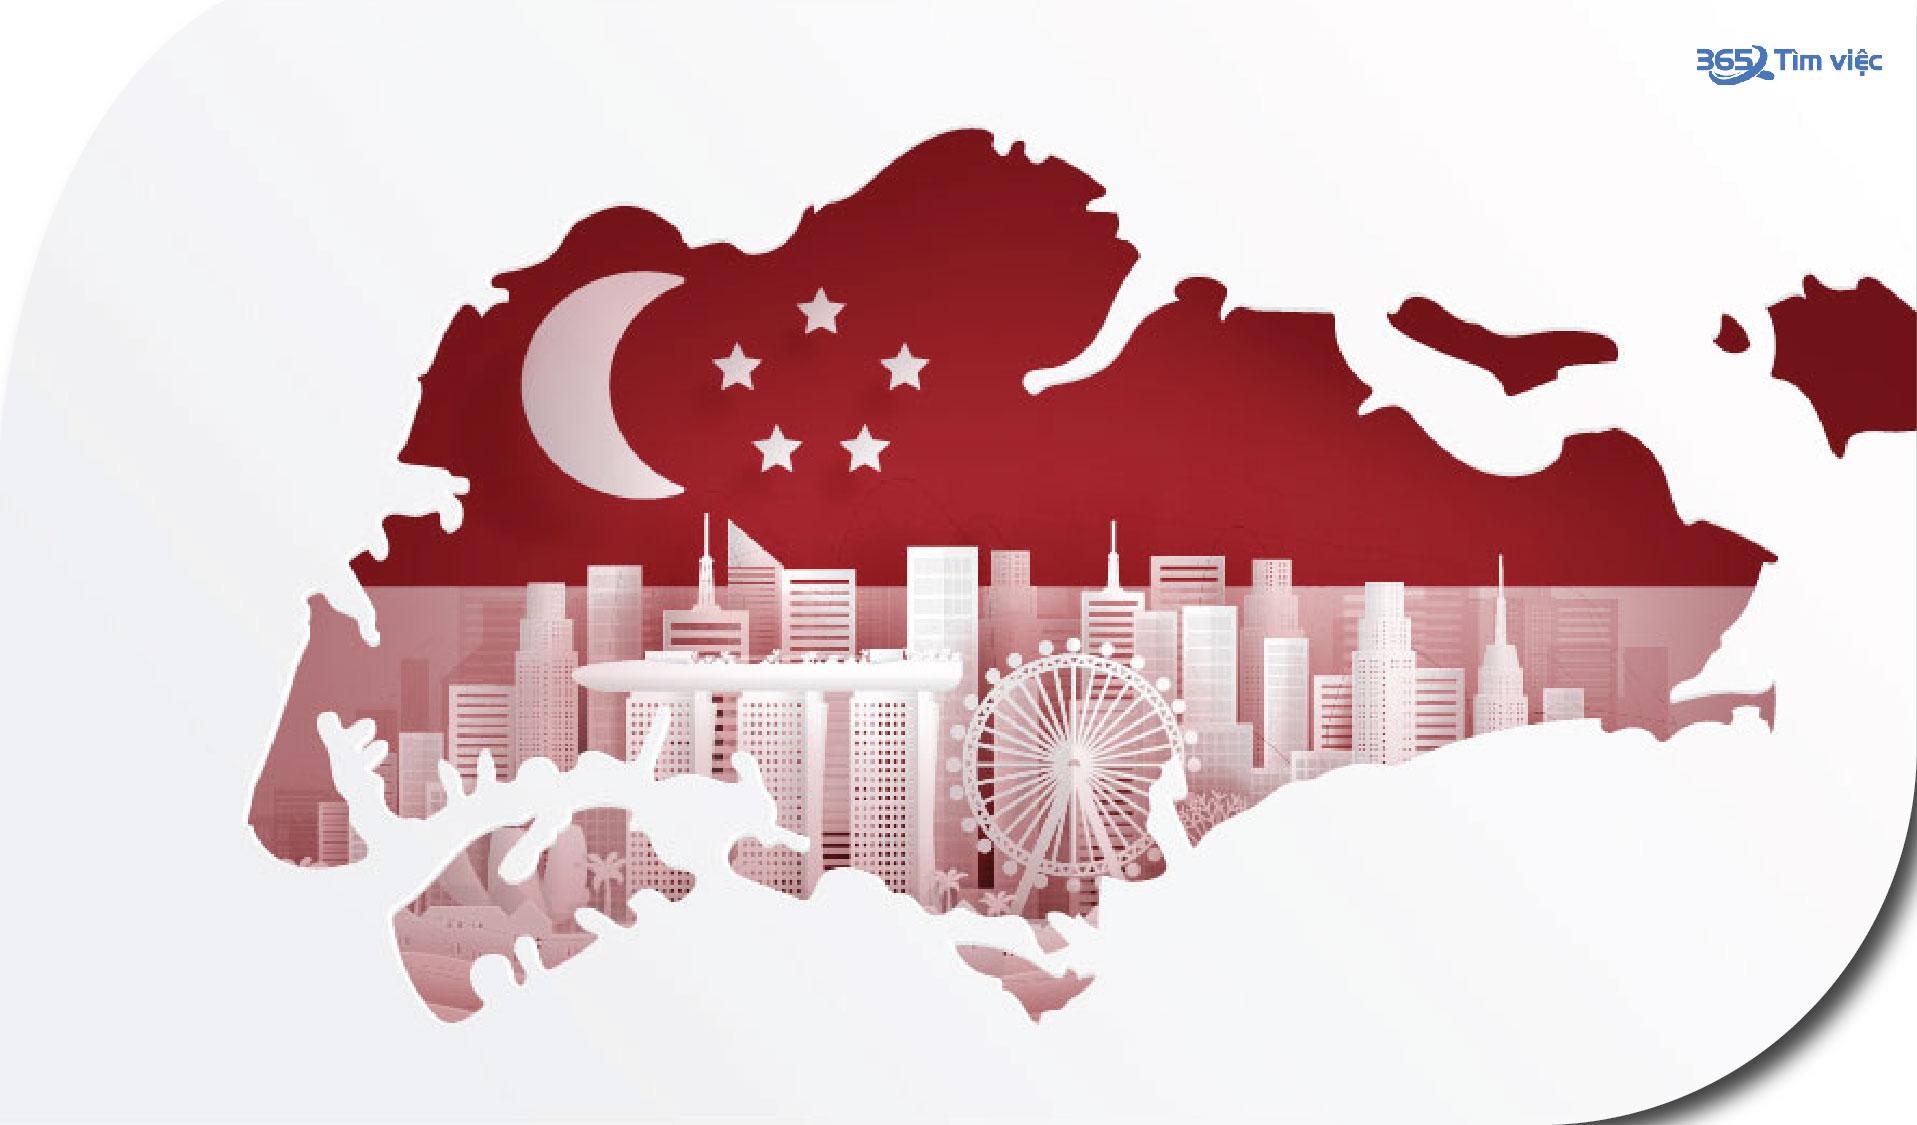 Sơ lược về đất nước Singapore